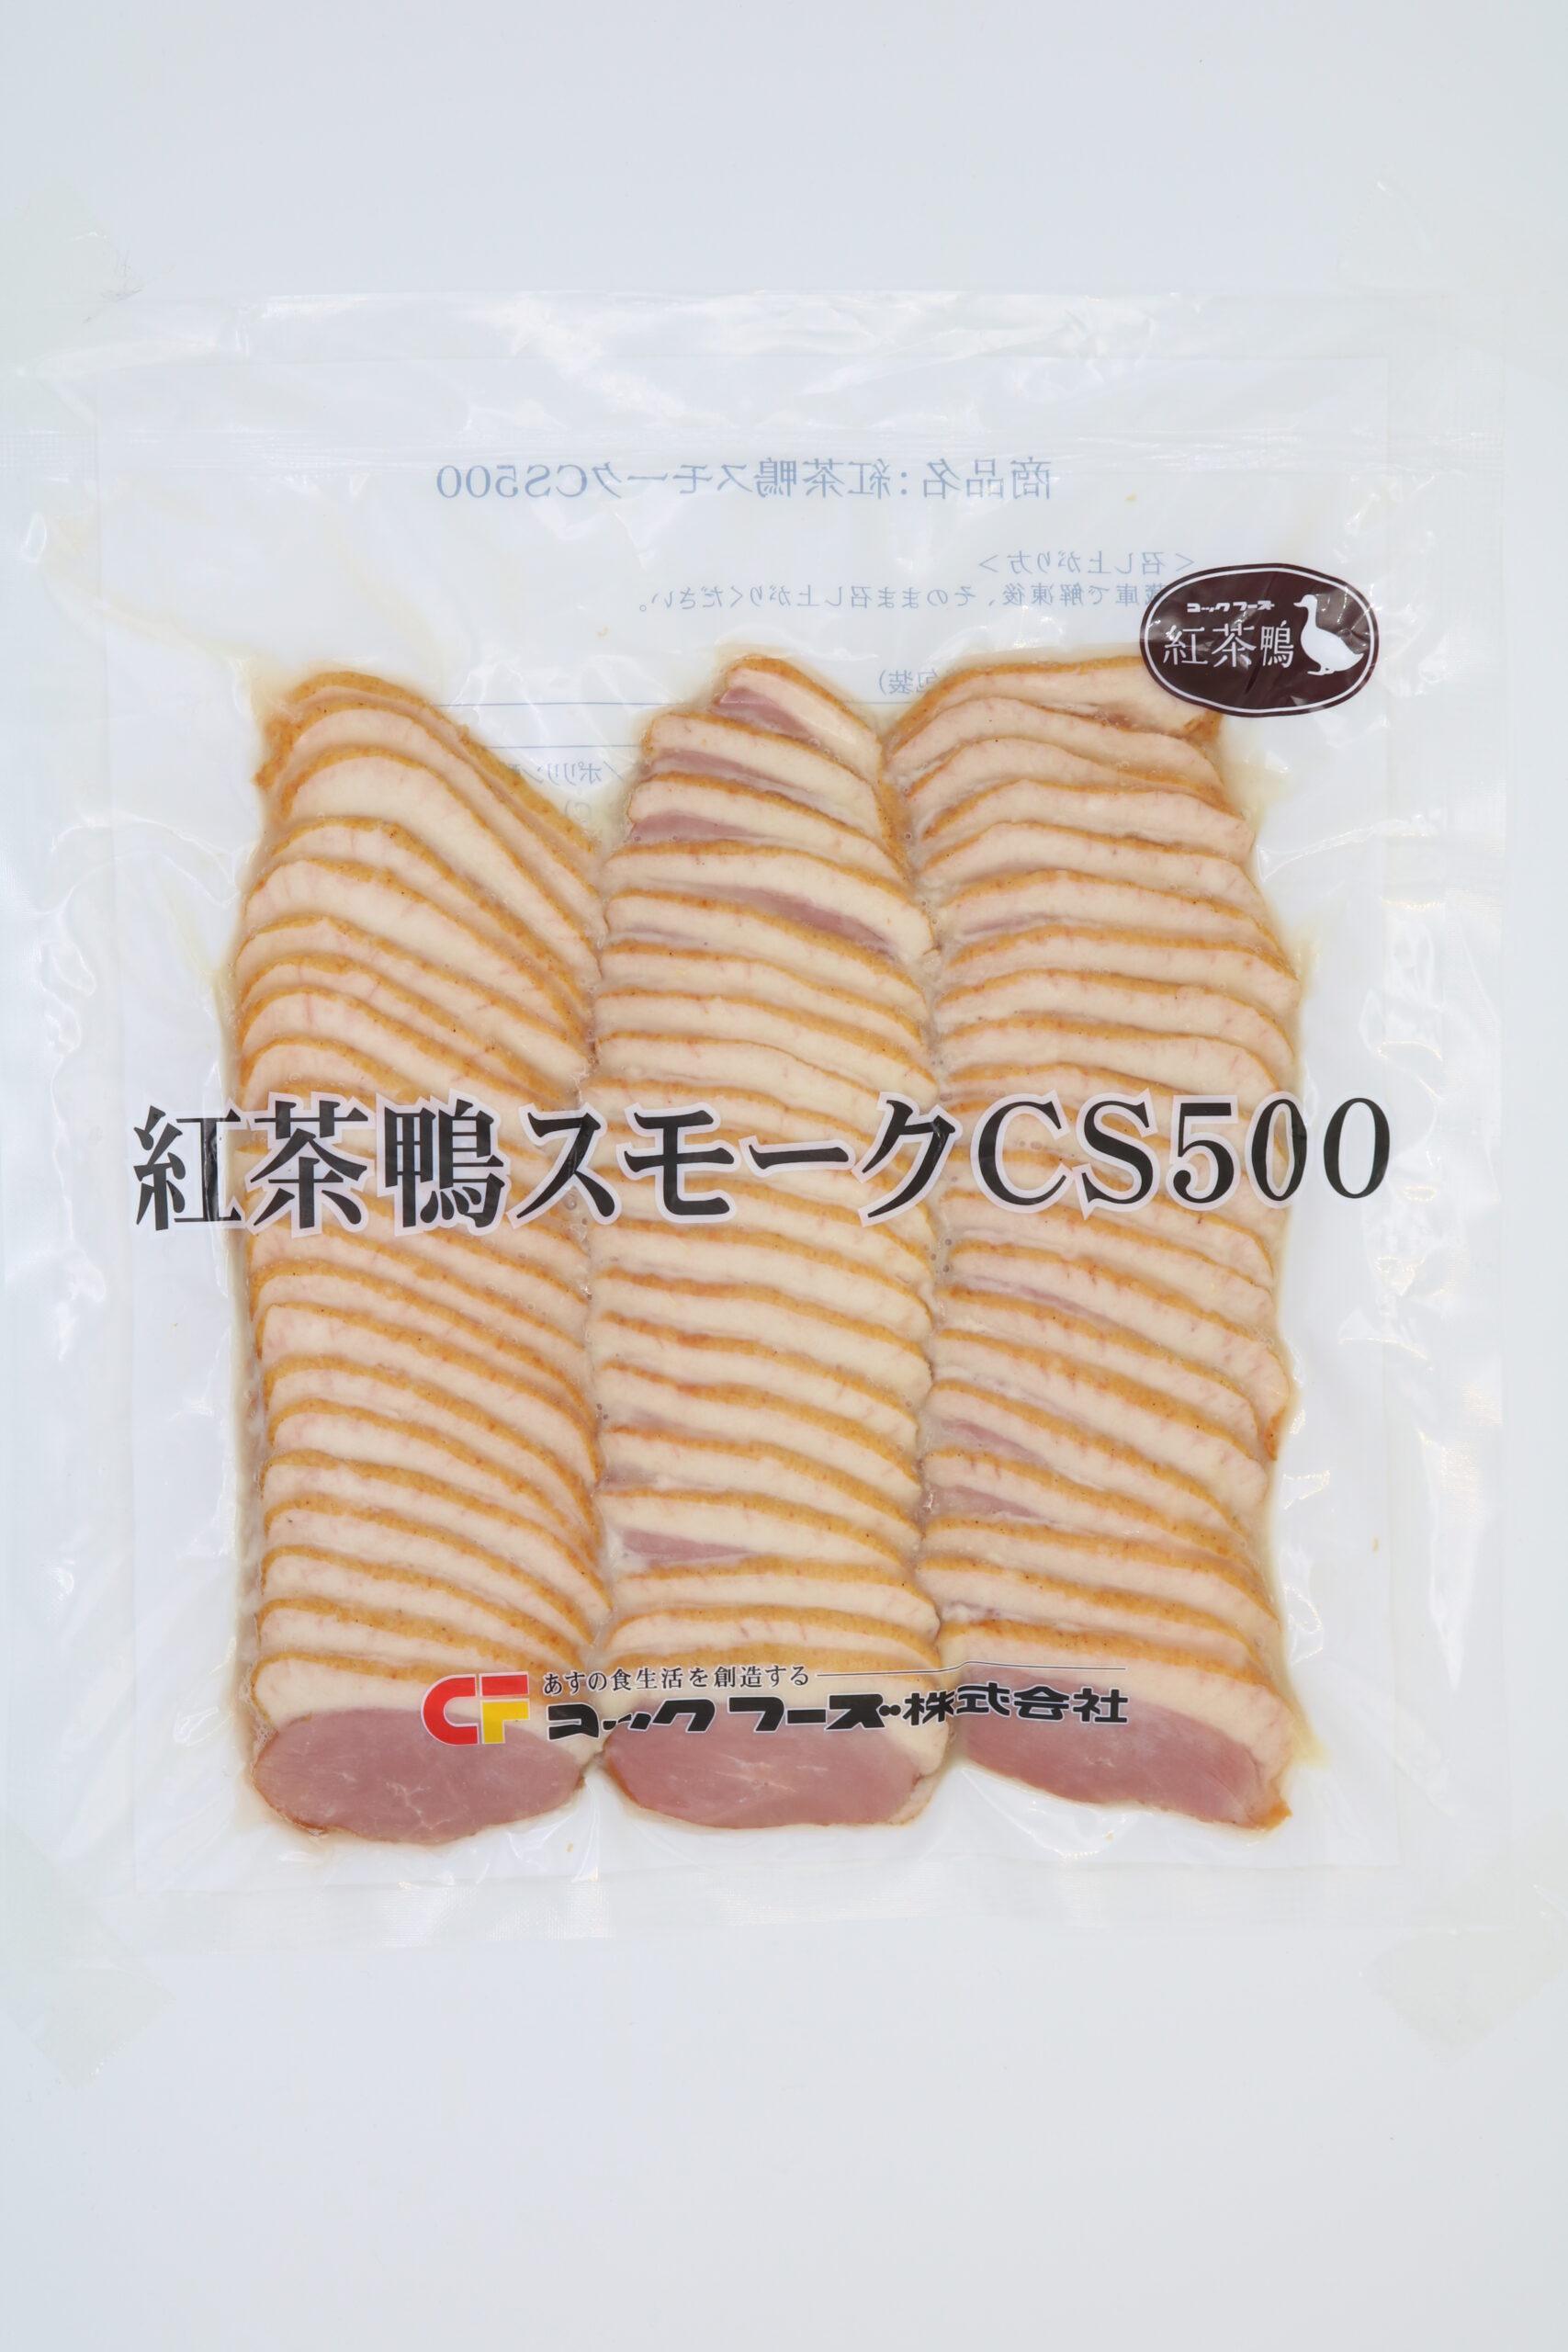 紅茶鴨スモークCS500